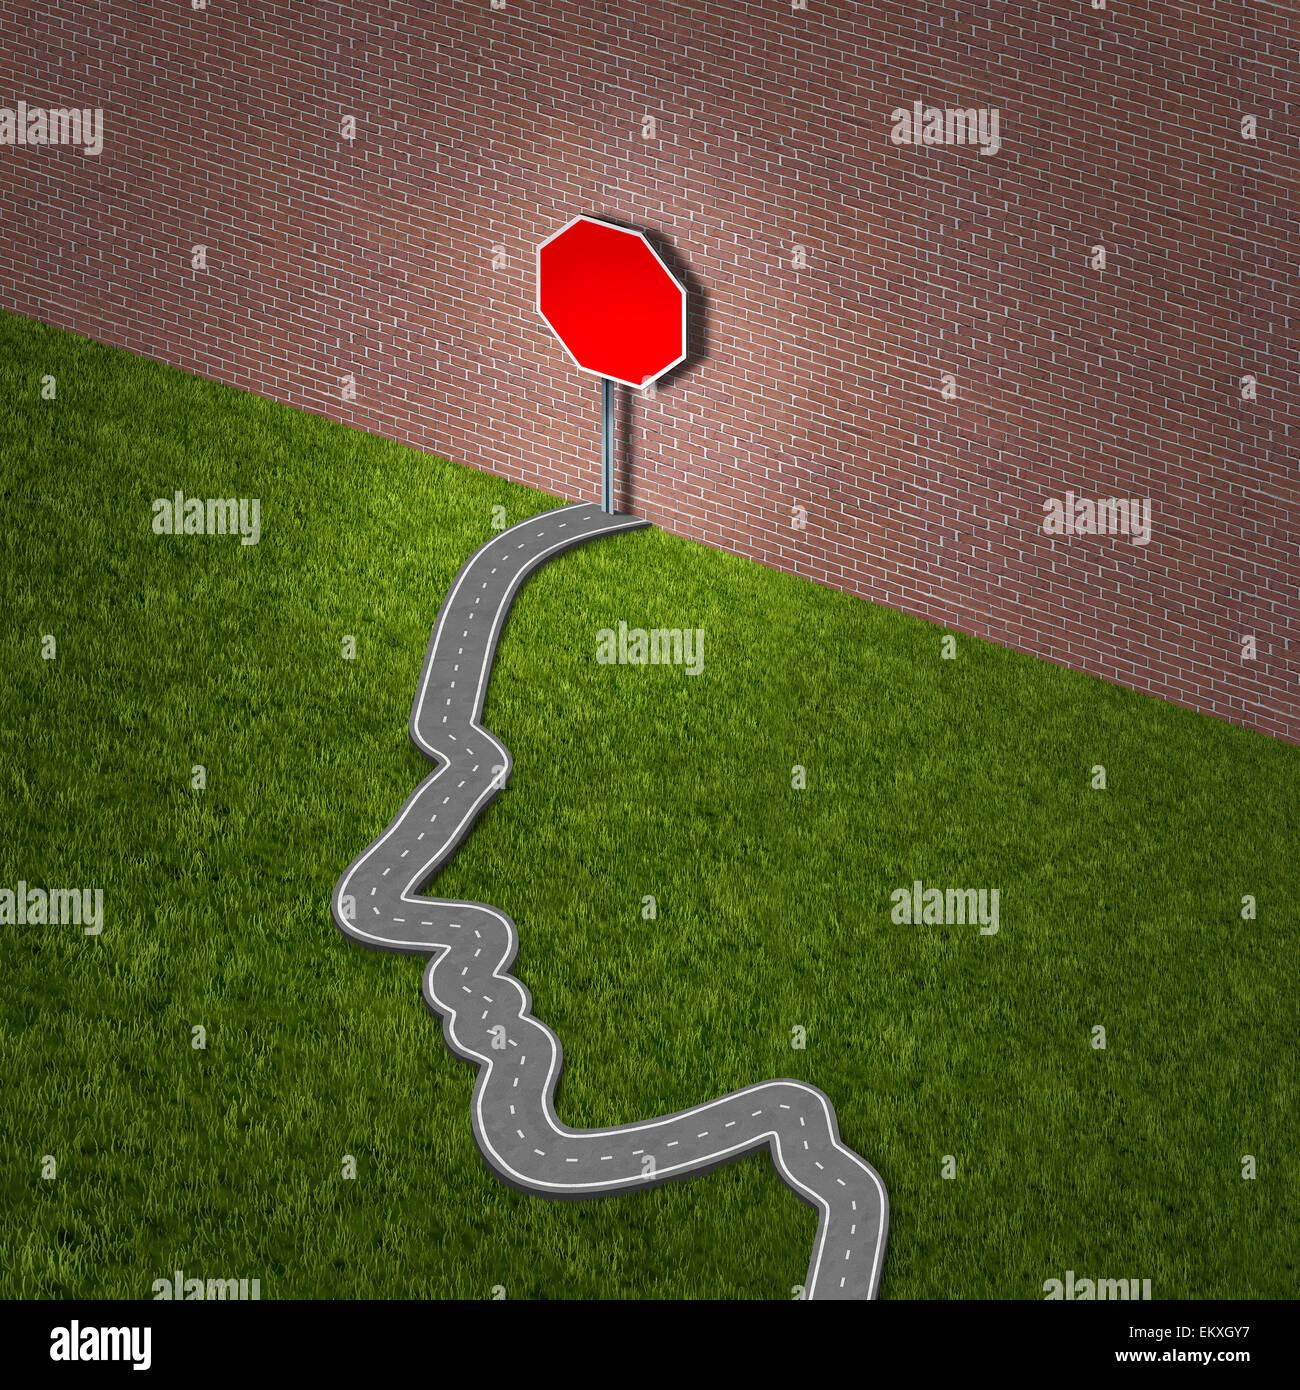 Problema de discapacidad de aprendizaje y educación reto como una carretera con forma de cabeza humana bloqueada Imagen De Stock